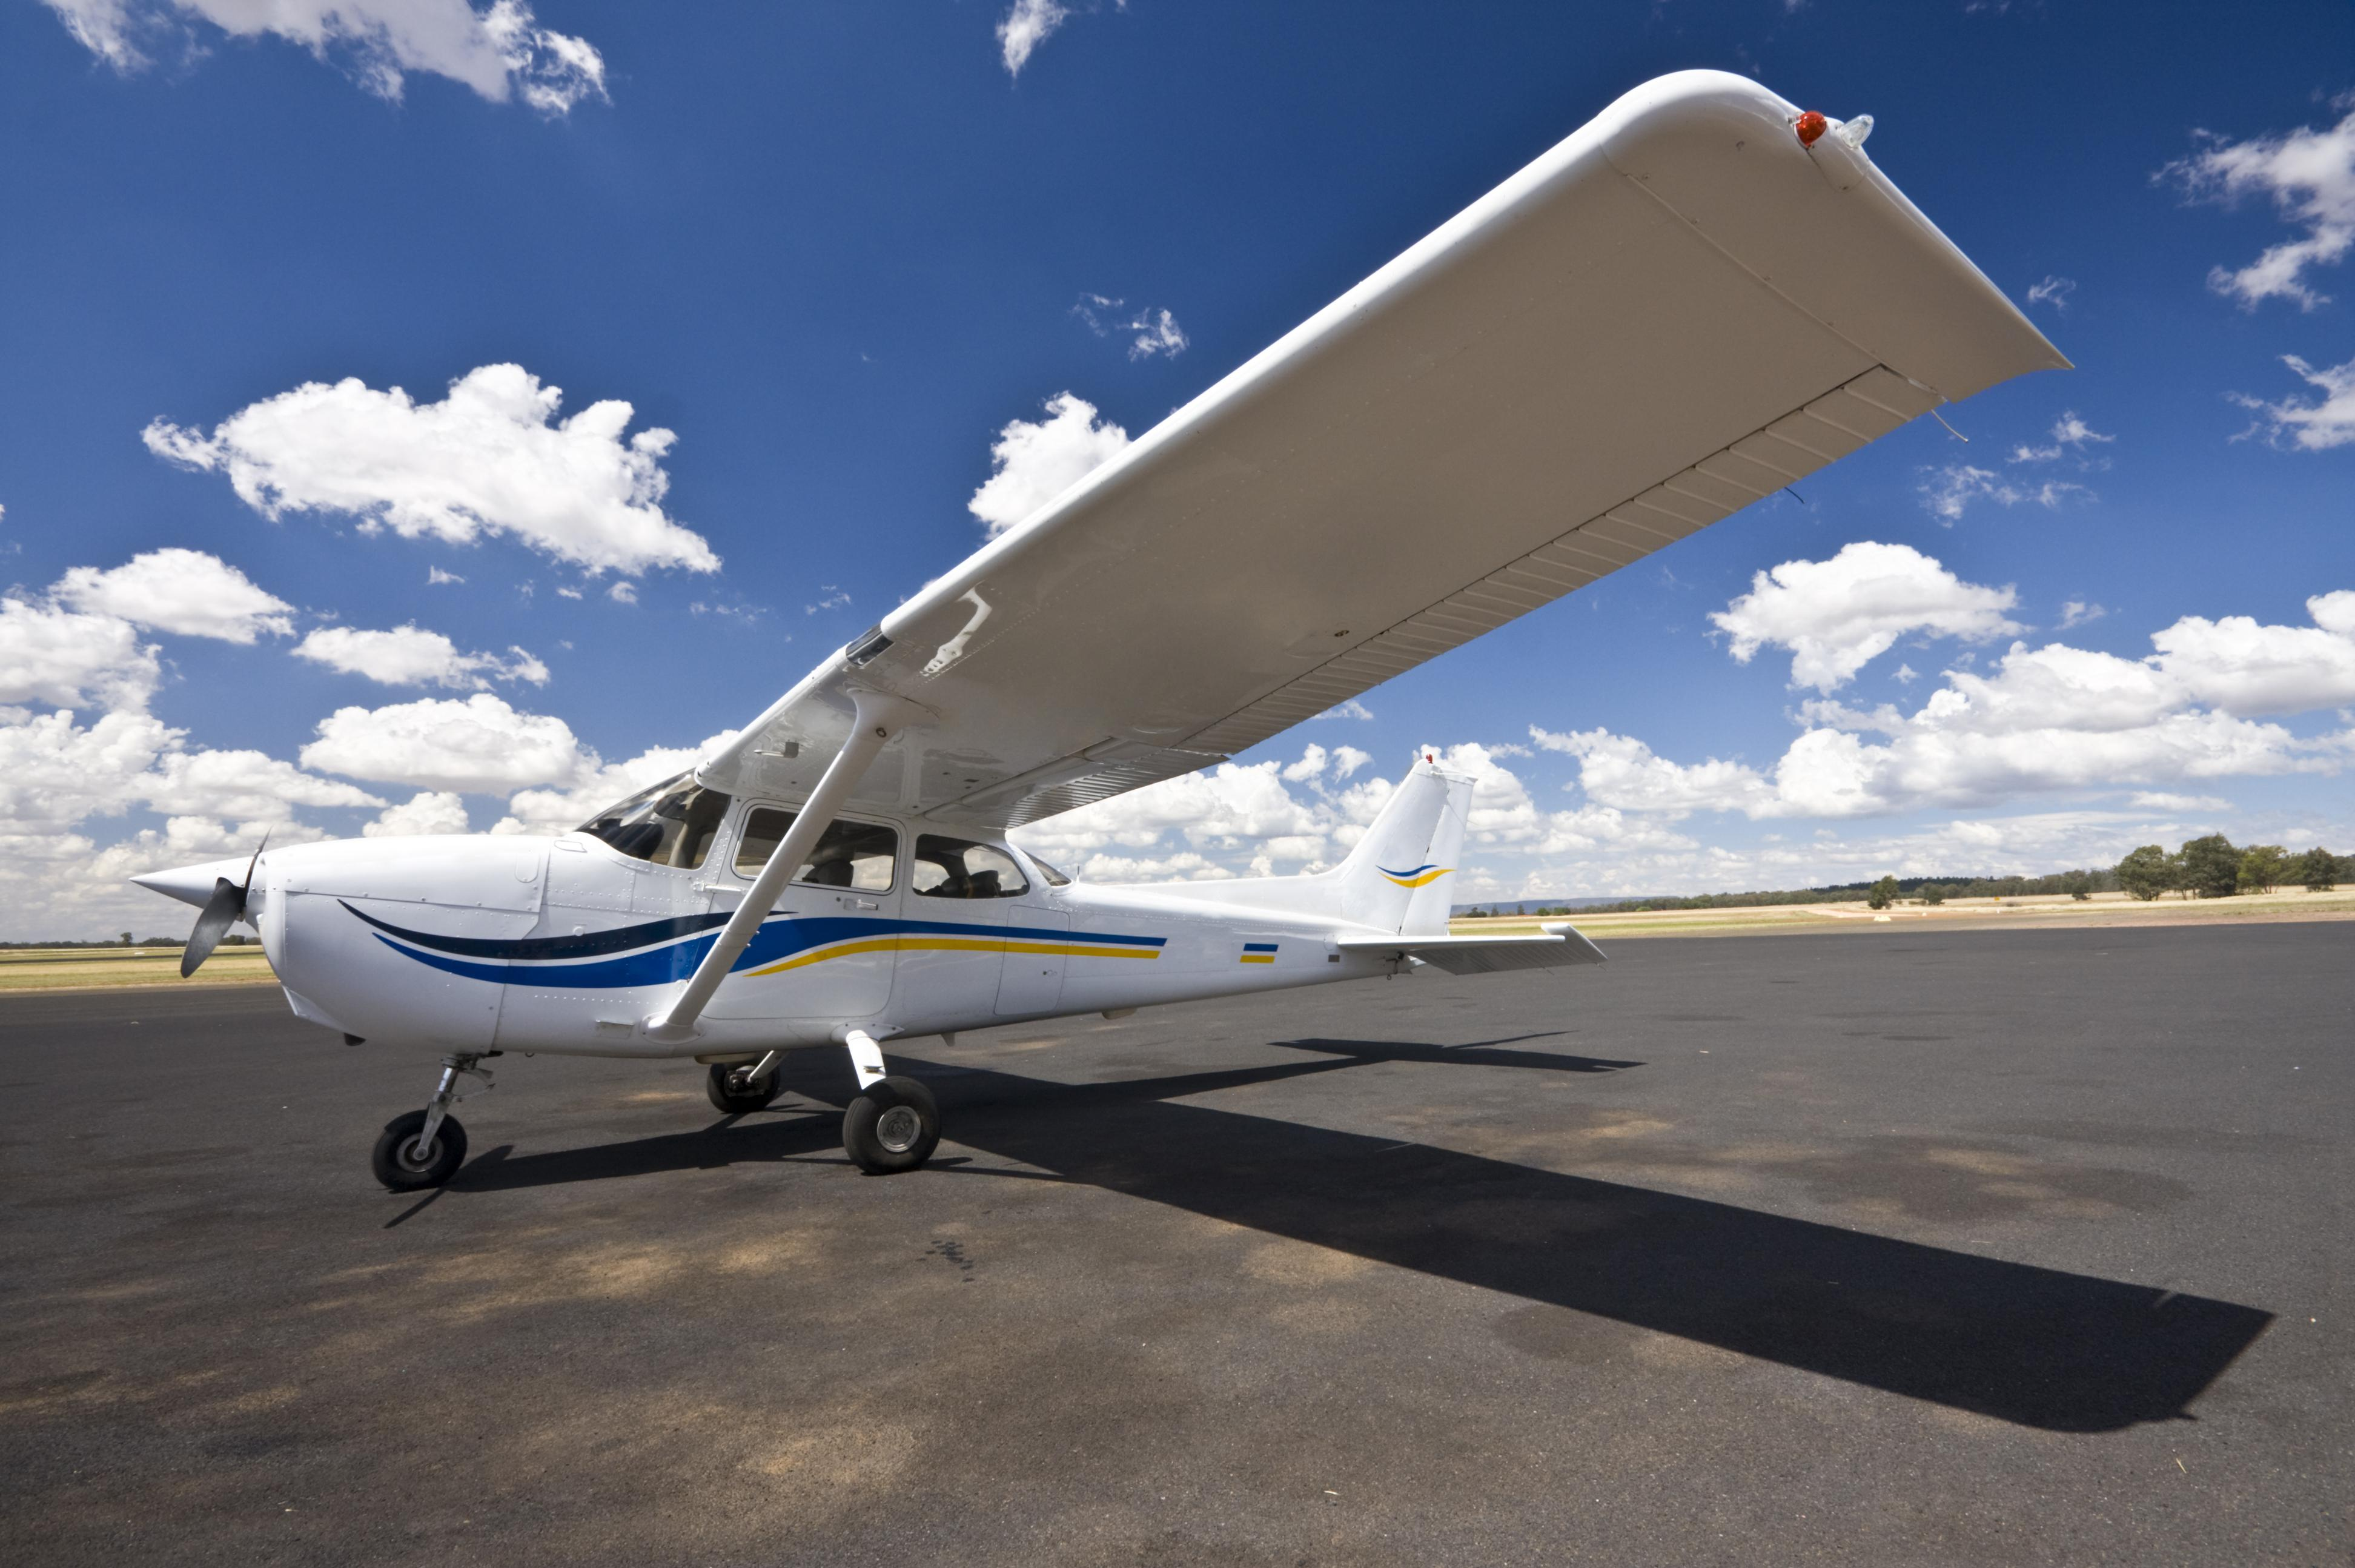 Seznamovací služba pilota letecké společnosti